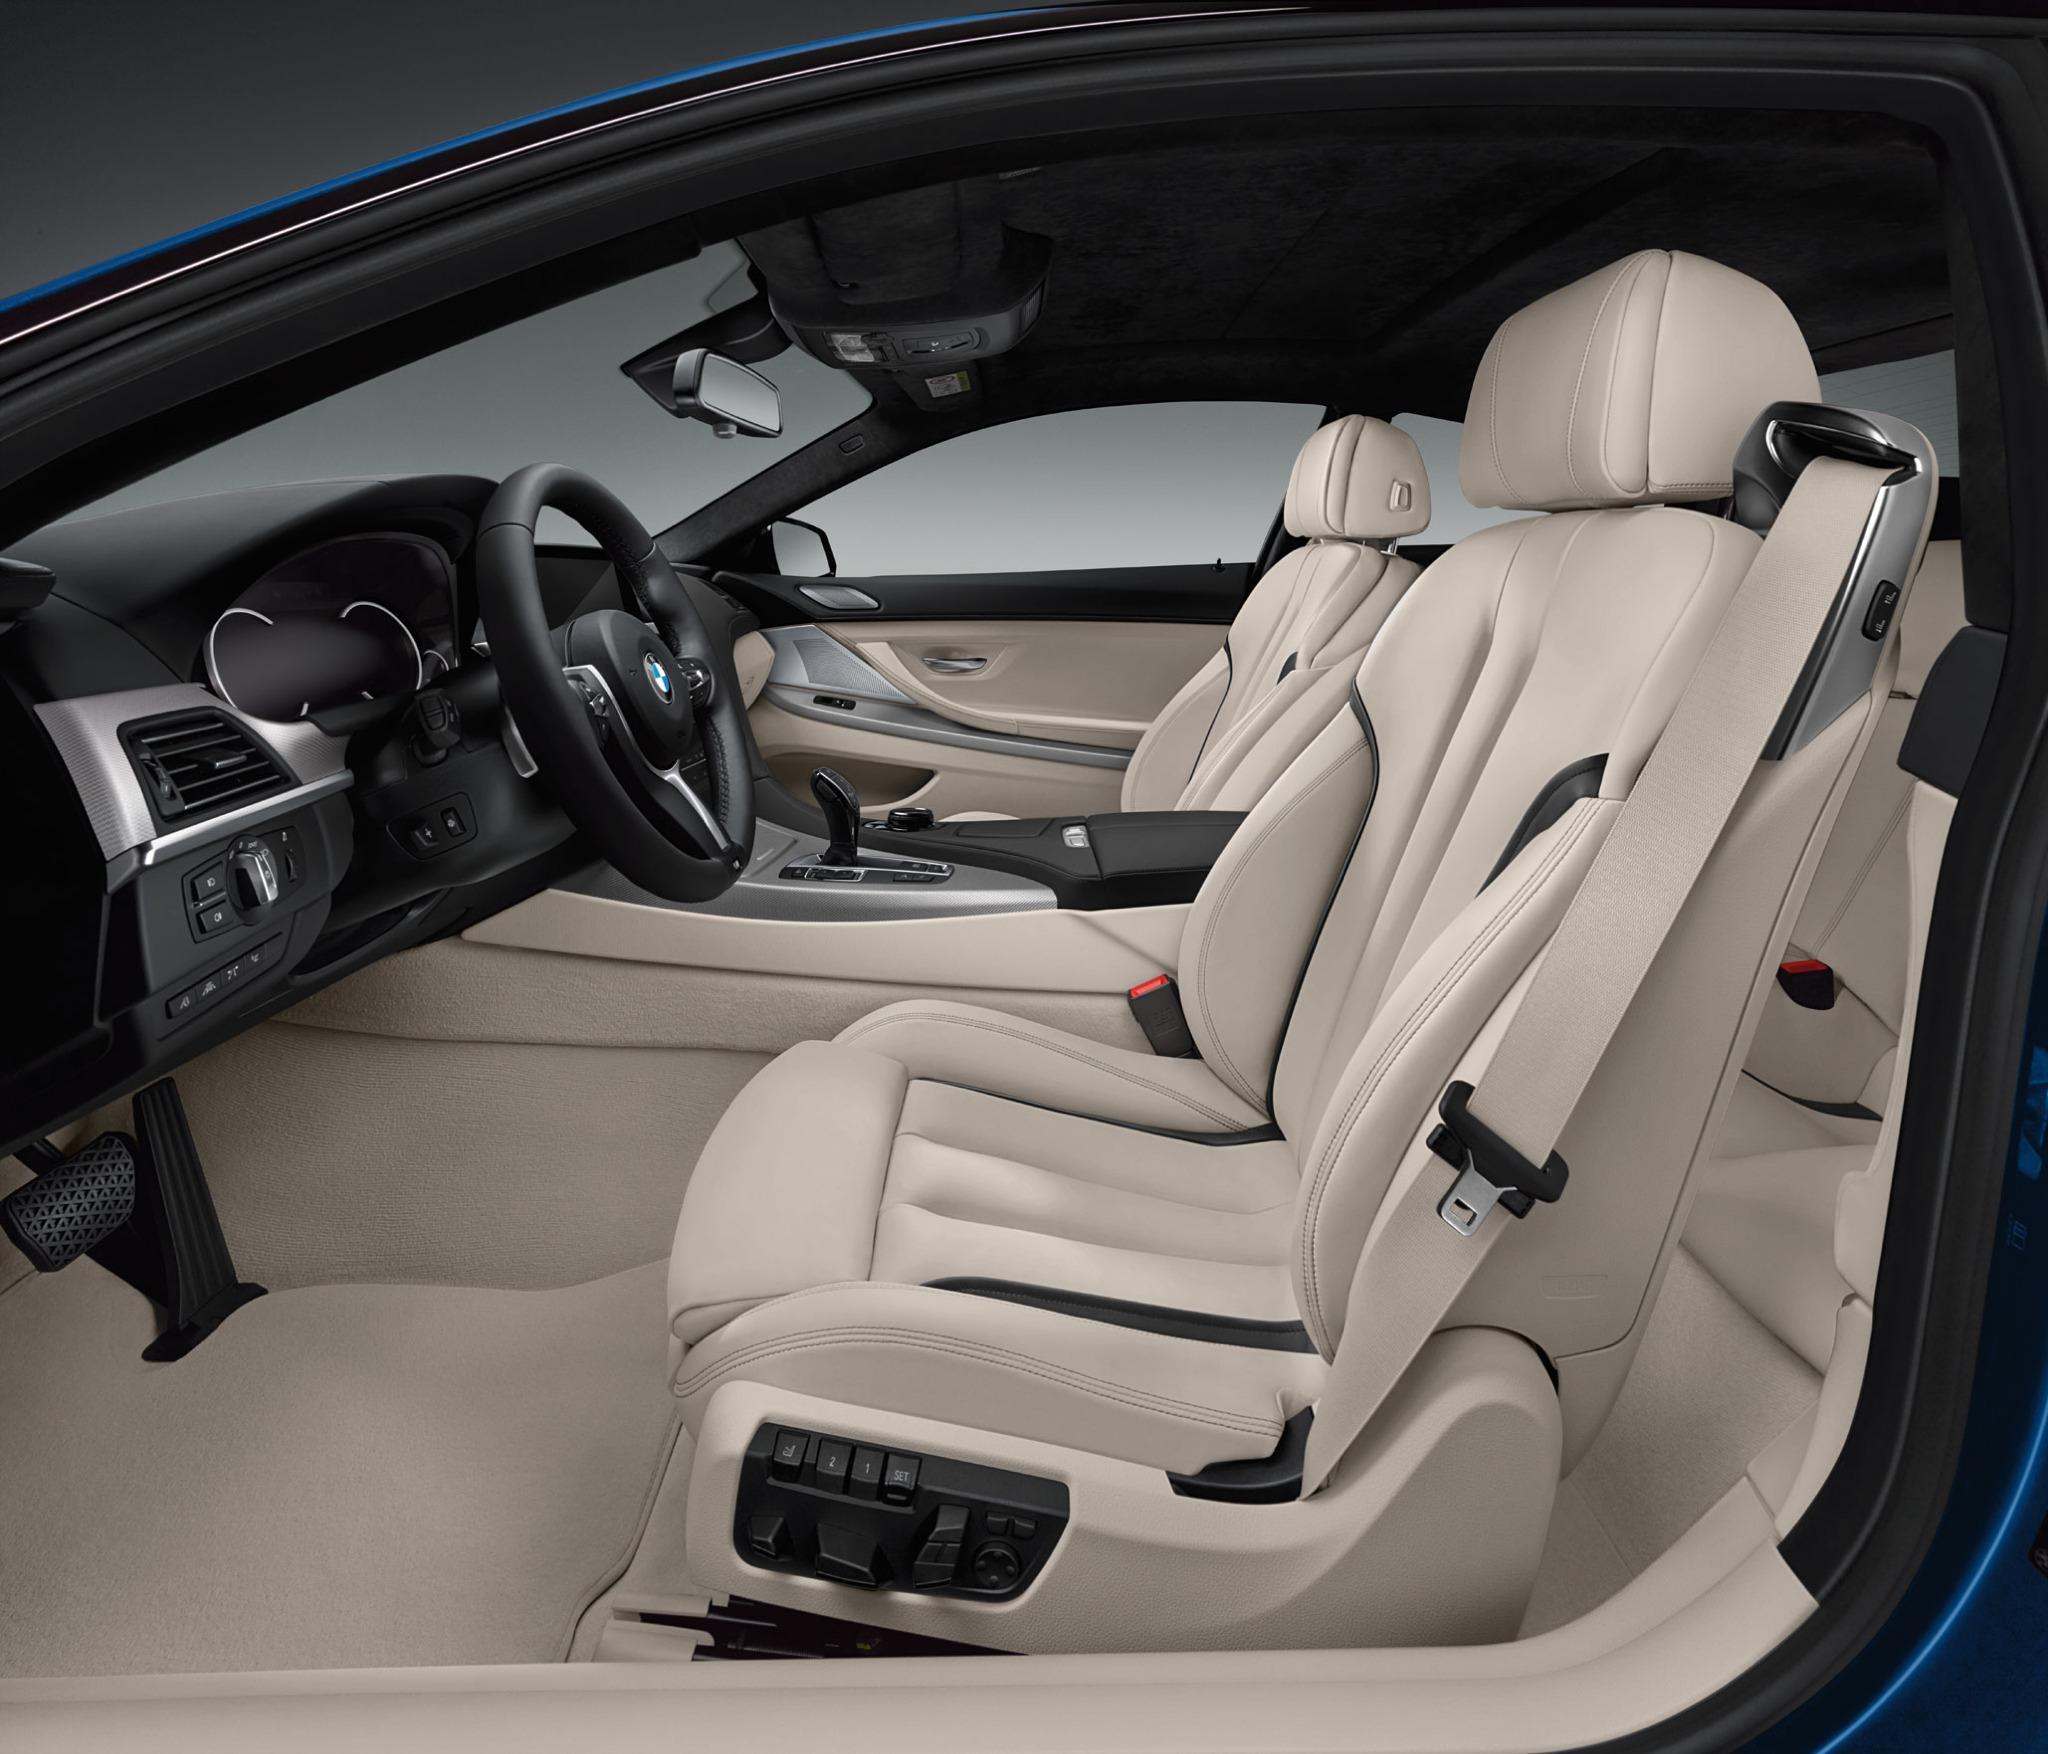 Bmw X6 Seating Capacity: BMW (@BMW)